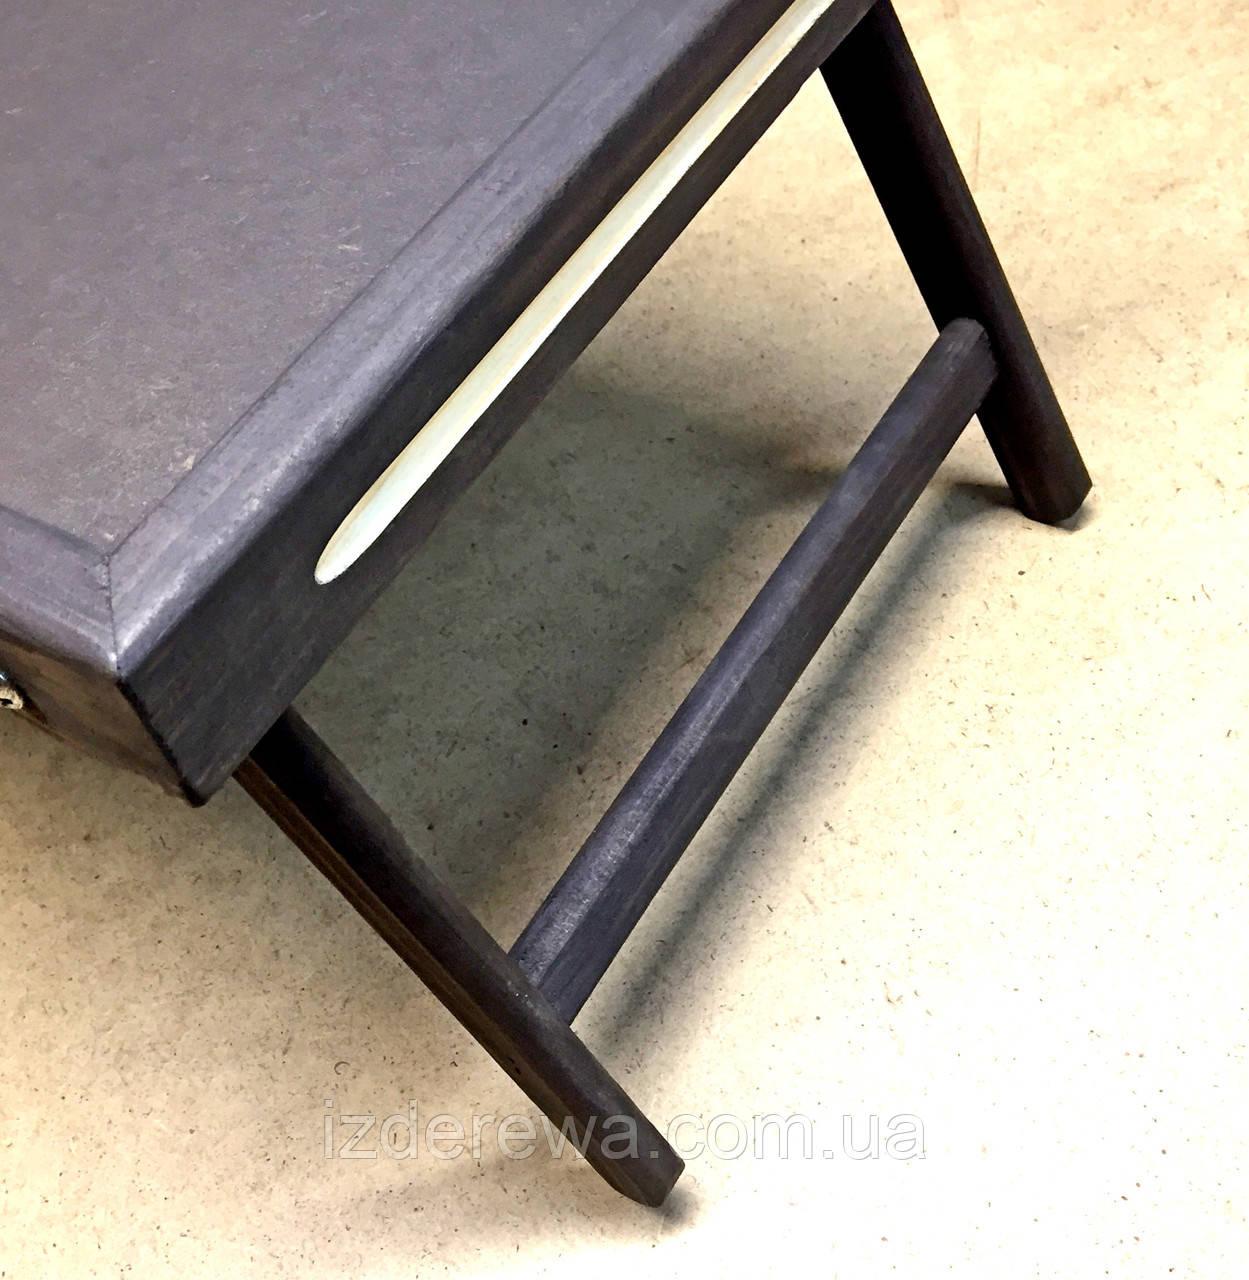 Столик-поднос для завтрака Даллас графит - фото 4